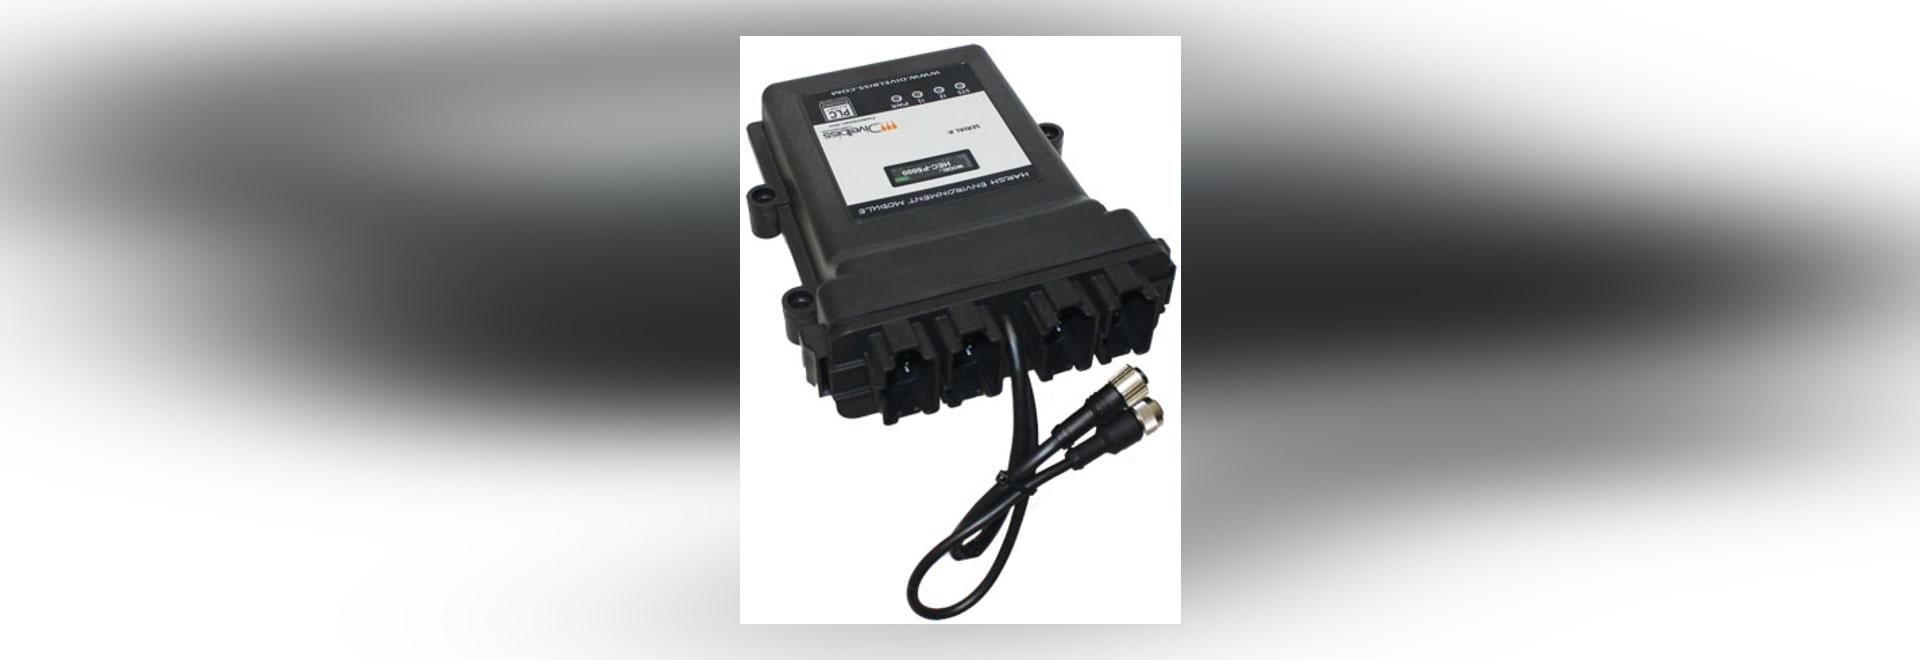 Les contrôleurs offrent la connectivité J1939/NMEA2000 inégalée